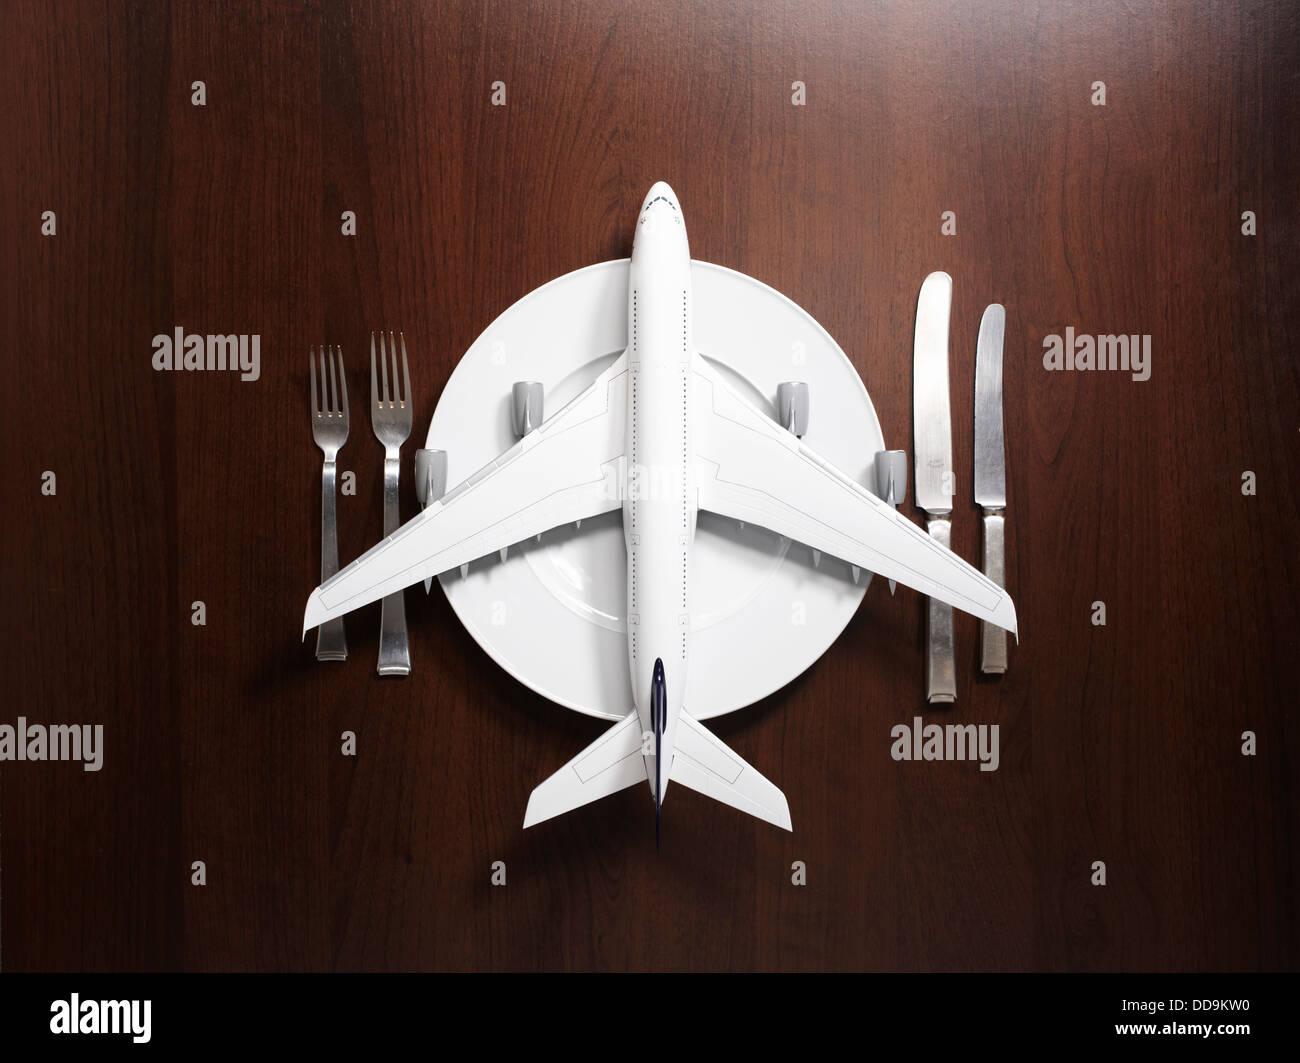 Luogo con impostazione aeroplano Immagini Stock